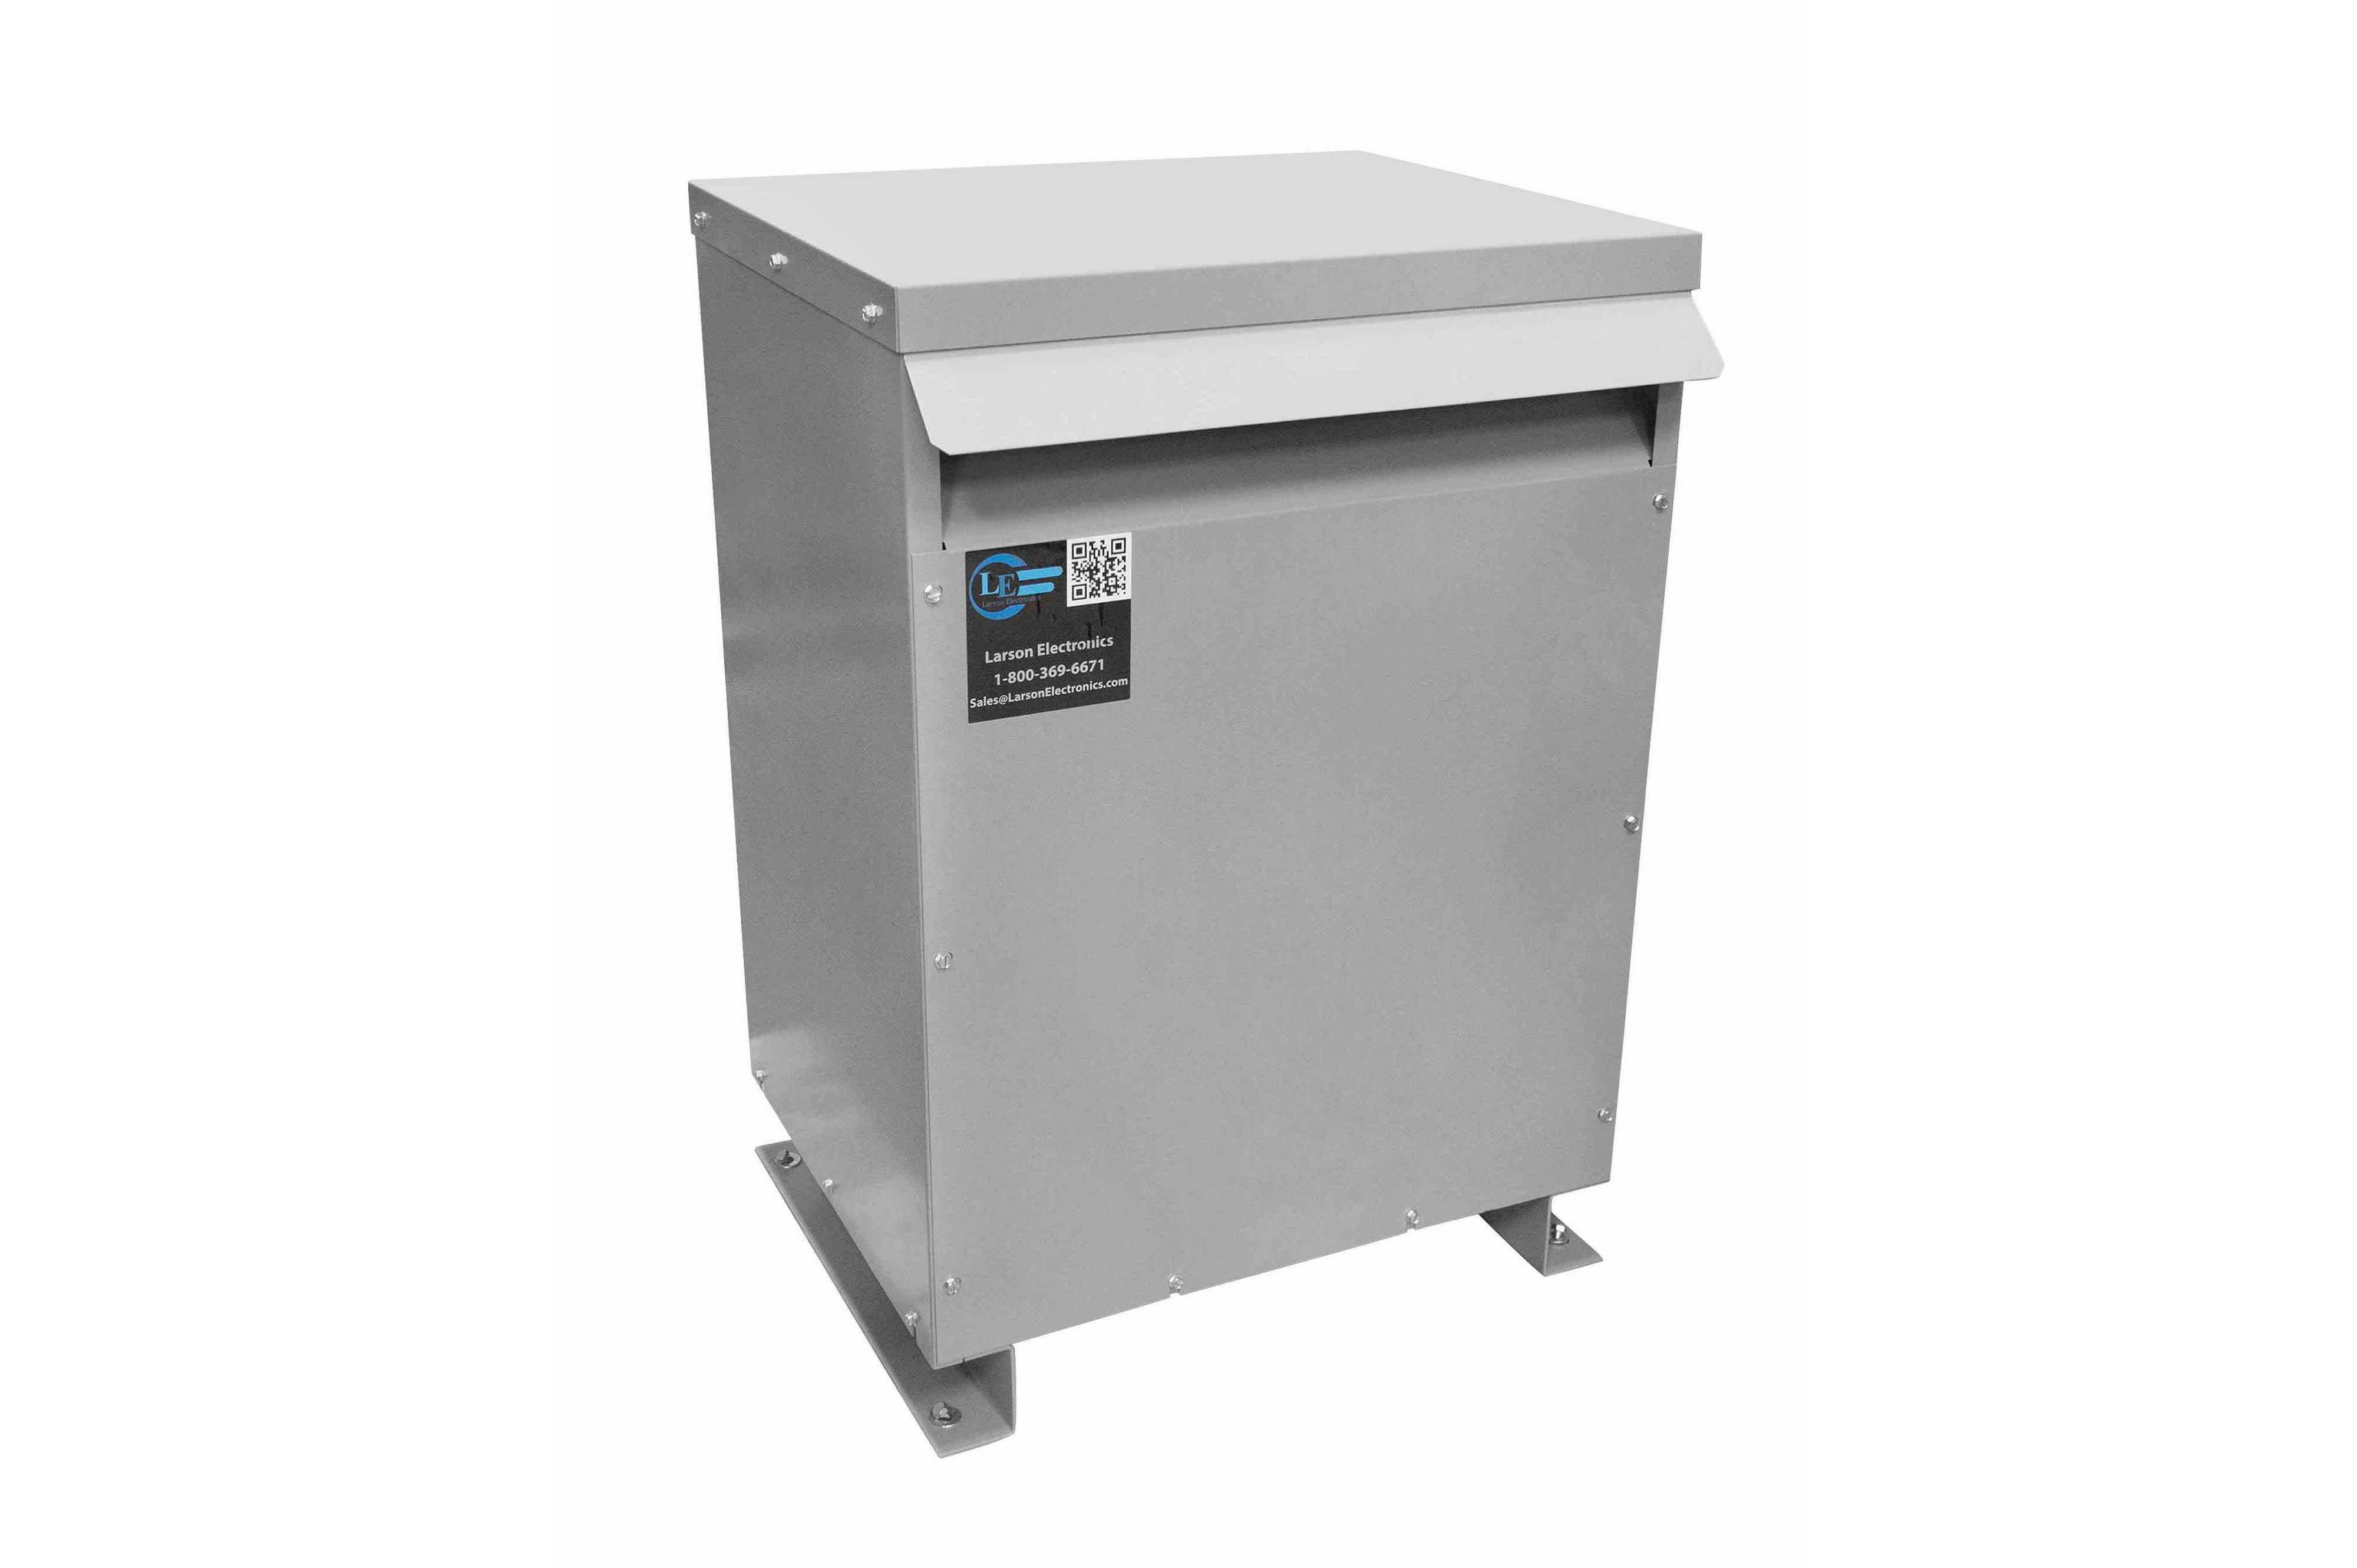 115 kVA 3PH Isolation Transformer, 415V Delta Primary, 480V Delta Secondary, N3R, Ventilated, 60 Hz